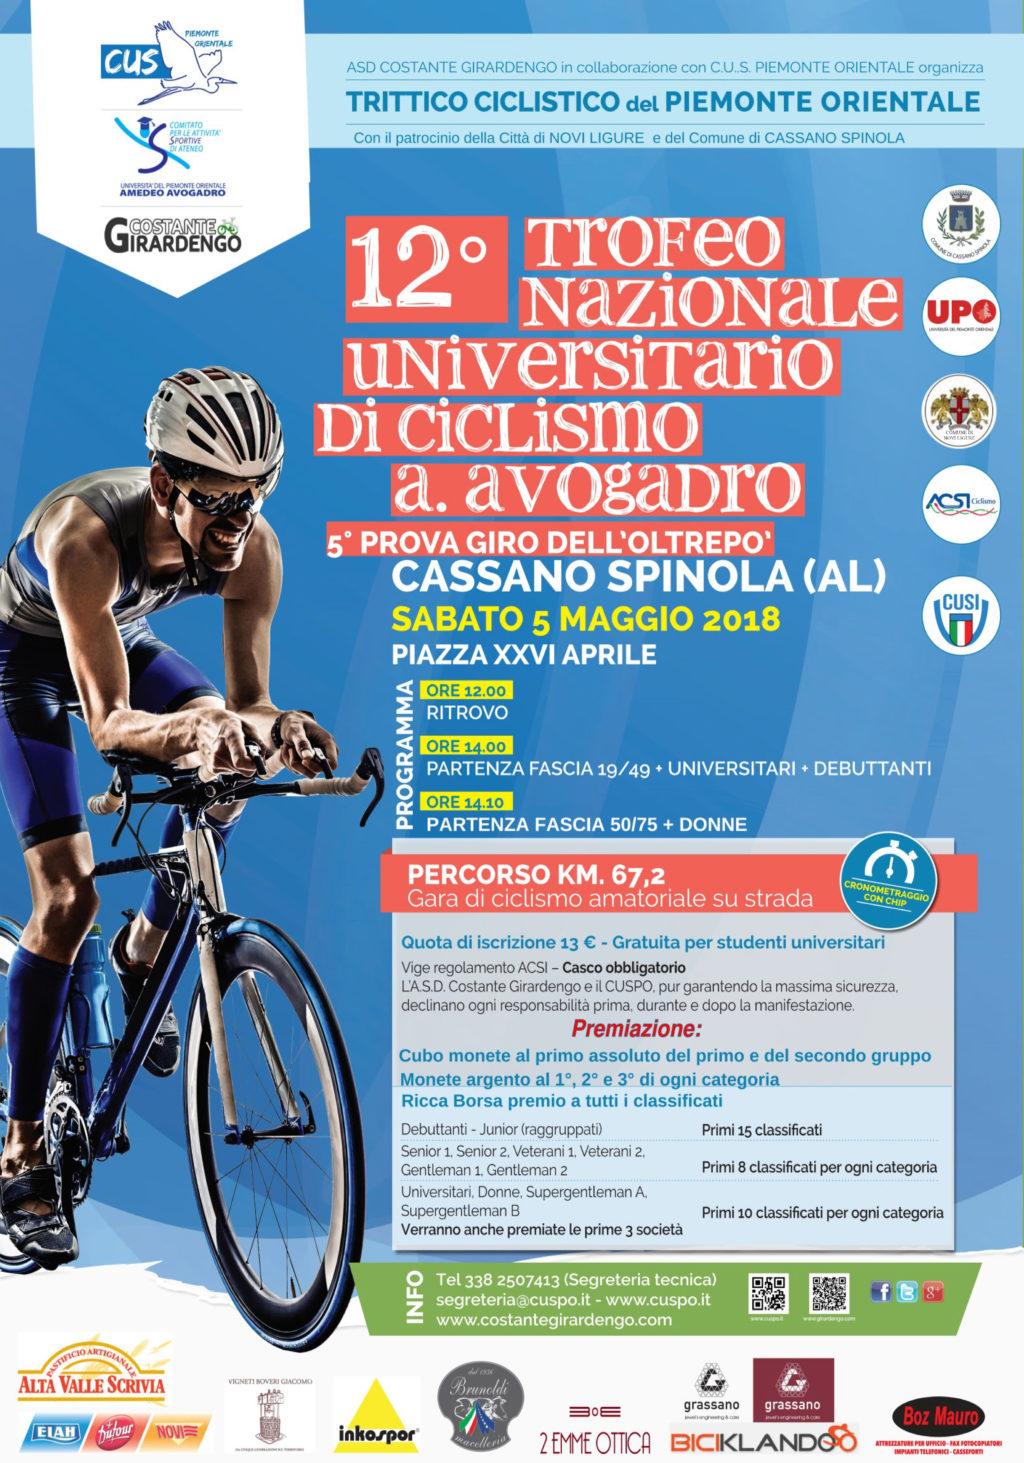 12° Trofeo Naz. Universitario di Ciclismo: 5 maggio 2018